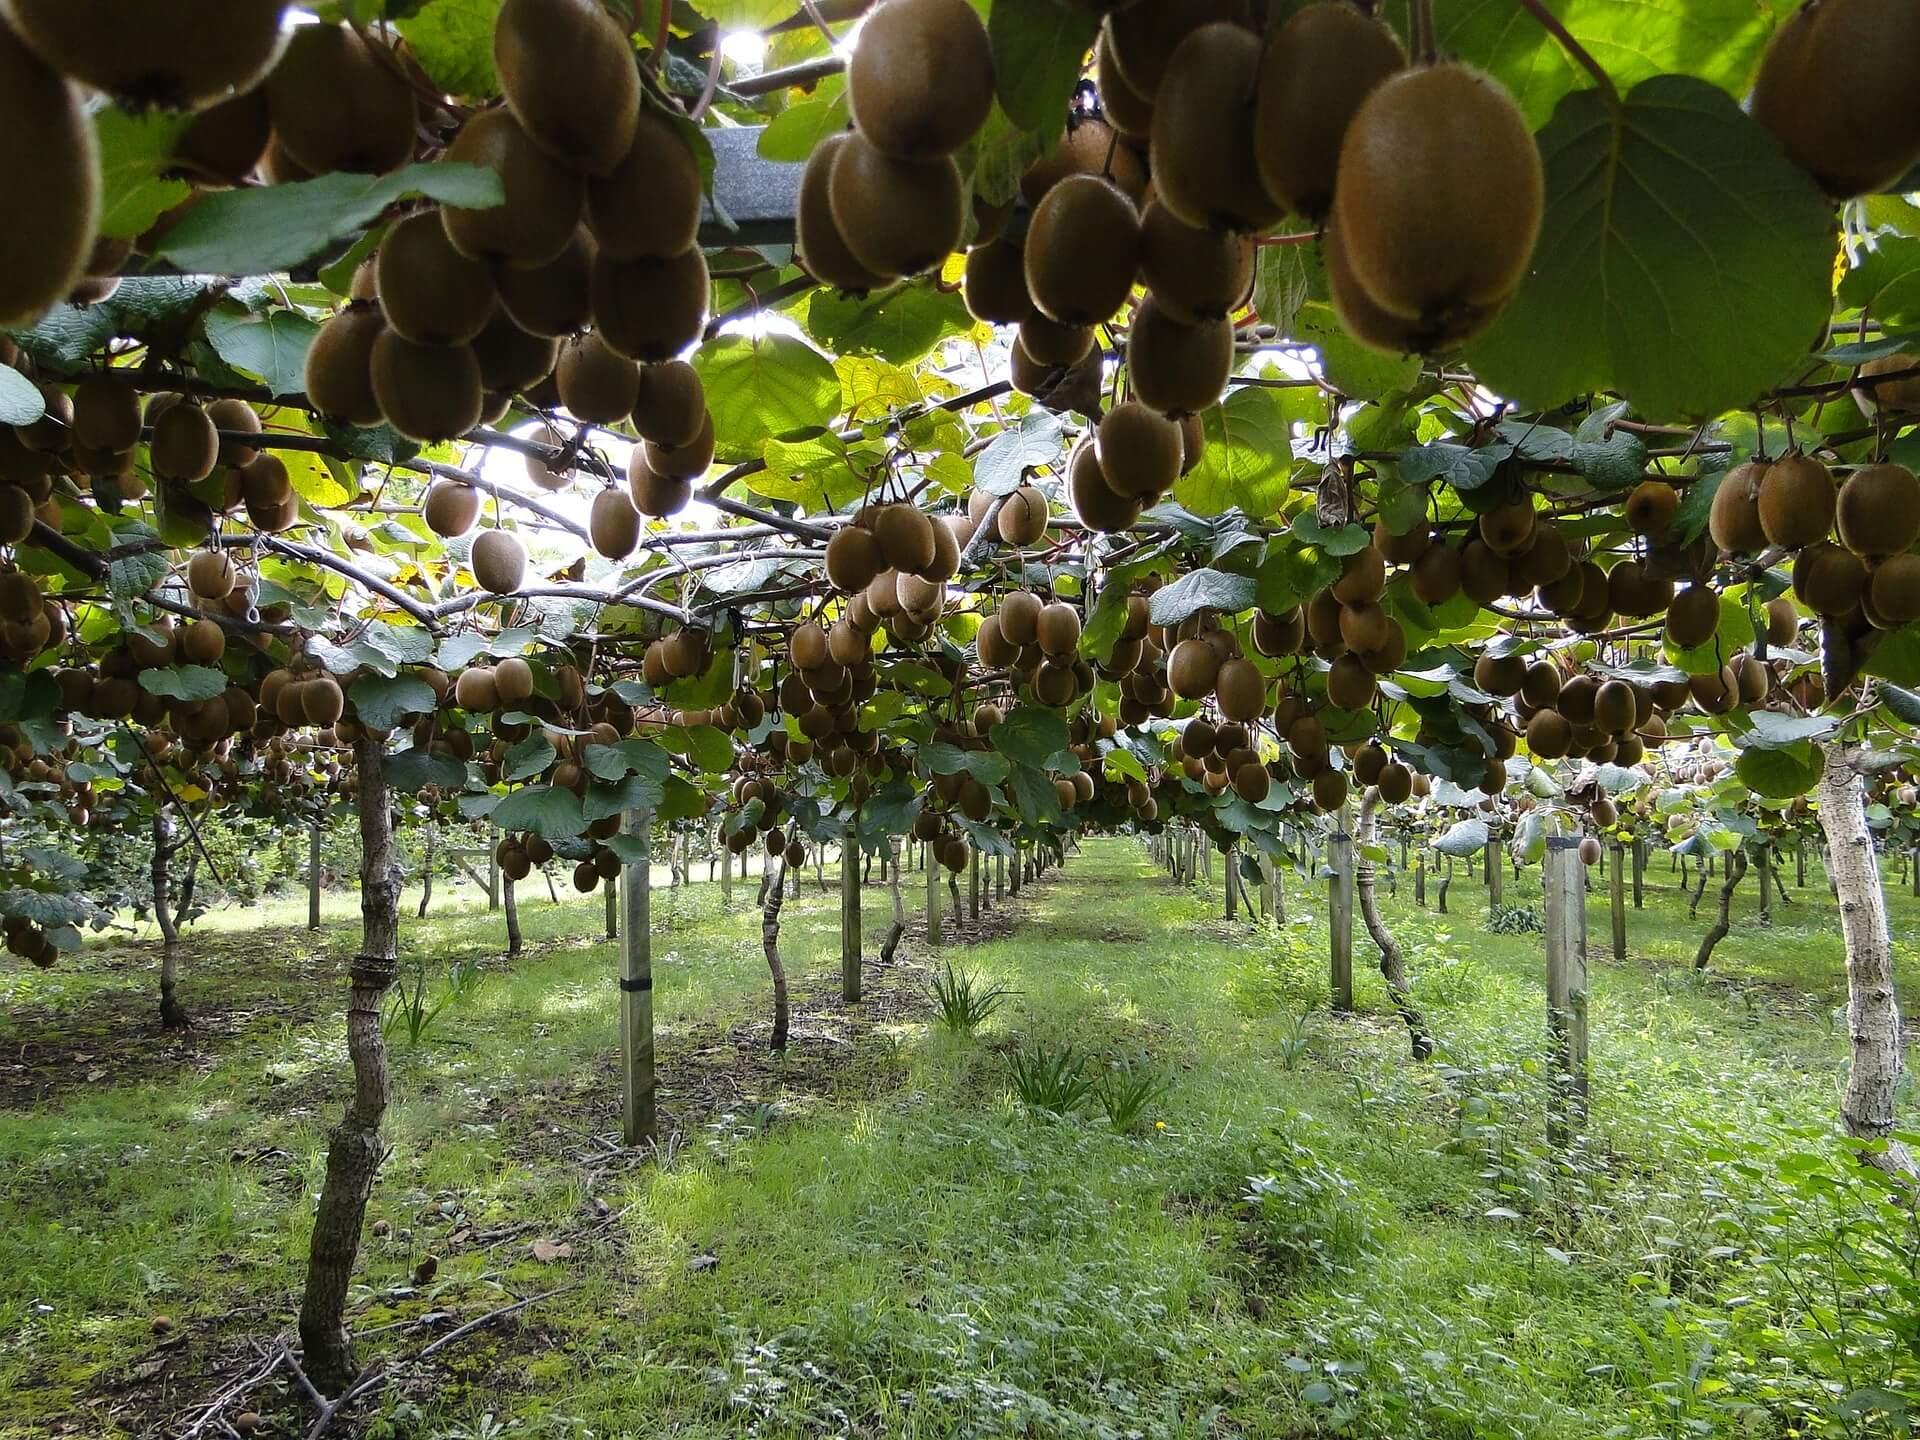 Pasca Panen, Pohon Kiwi Harus Dirawat